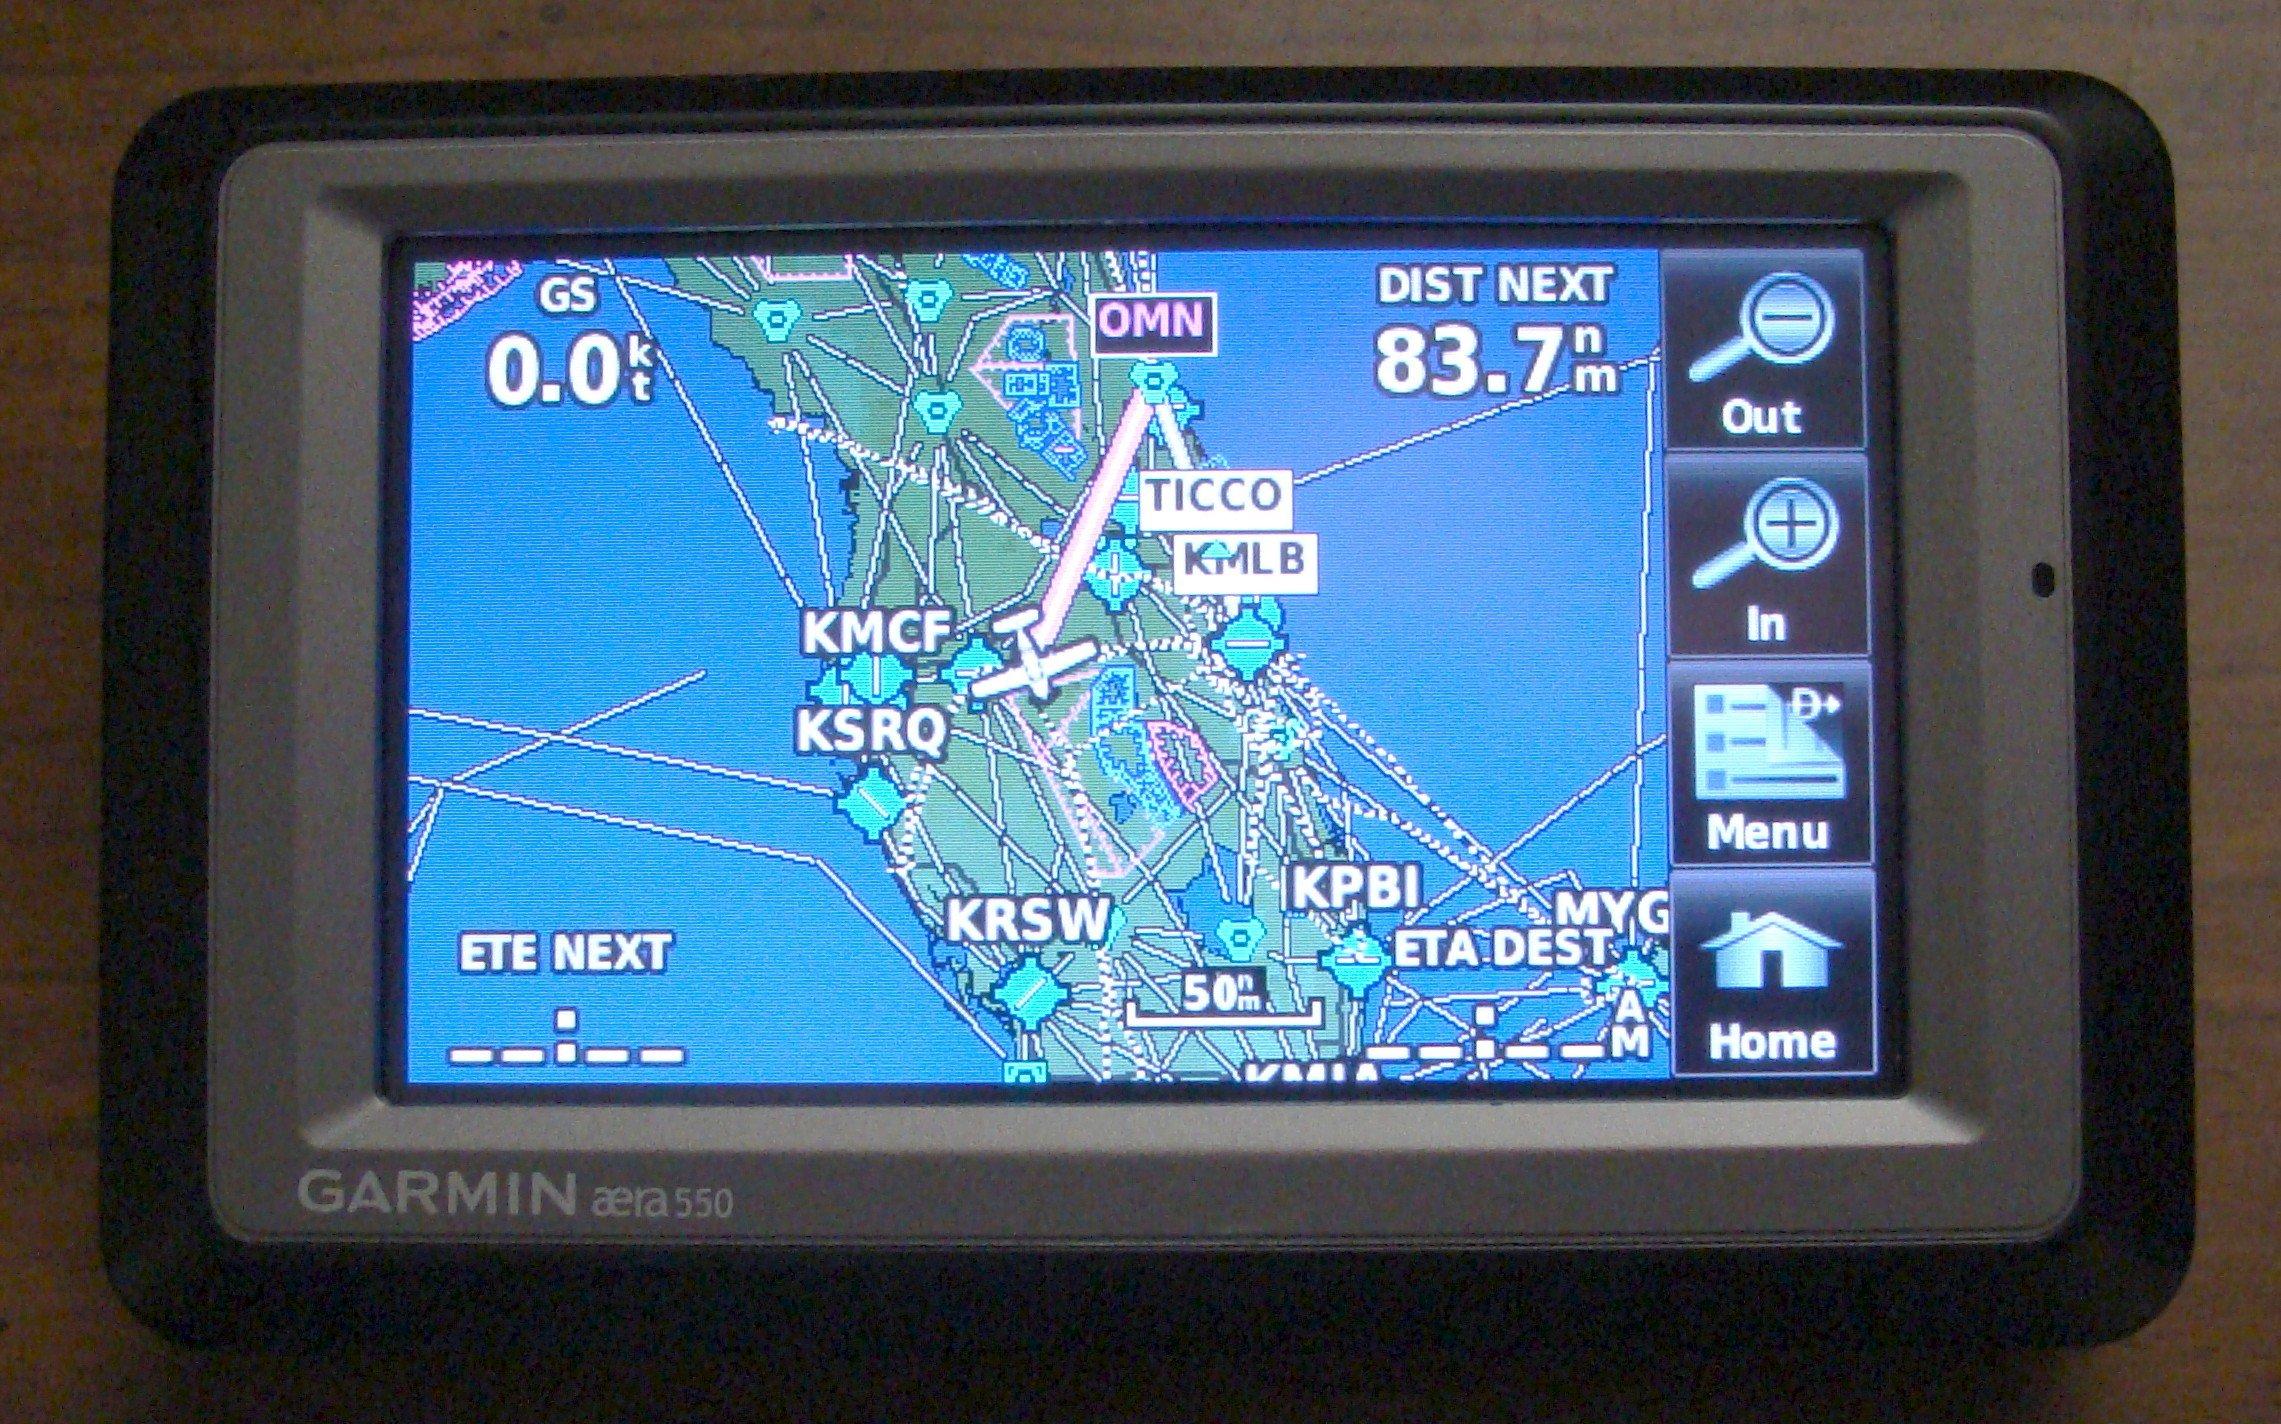 garmin gps 500 manual various owner manual guide u2022 rh justk co garmin gps 500 pilot's guide and reference manual garmin gps 500 manual fsx